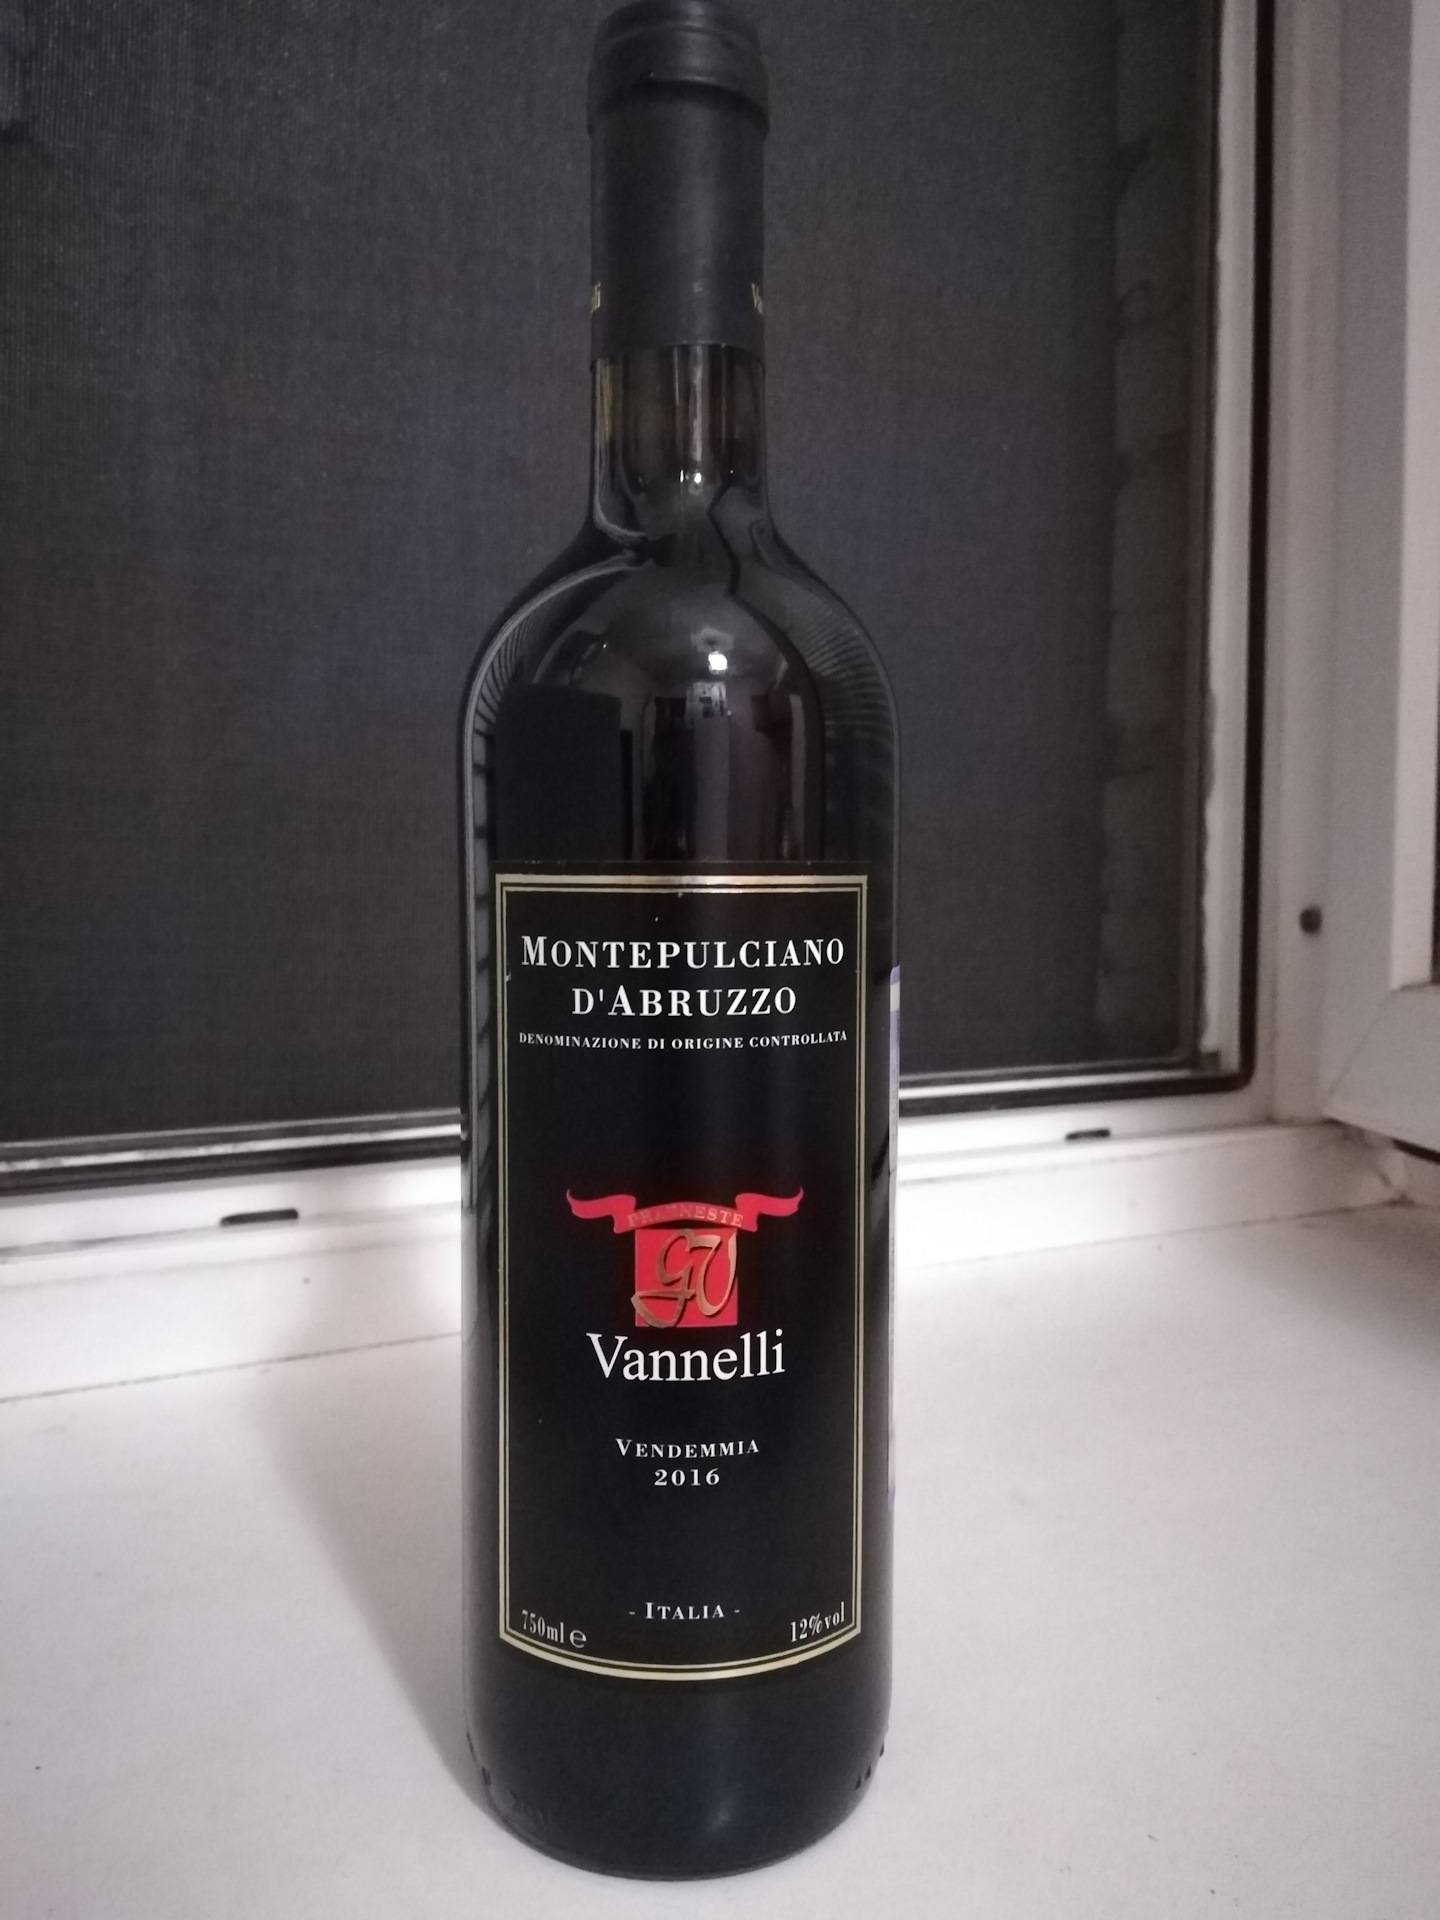 Вино монтепульчано: отзывы и фото